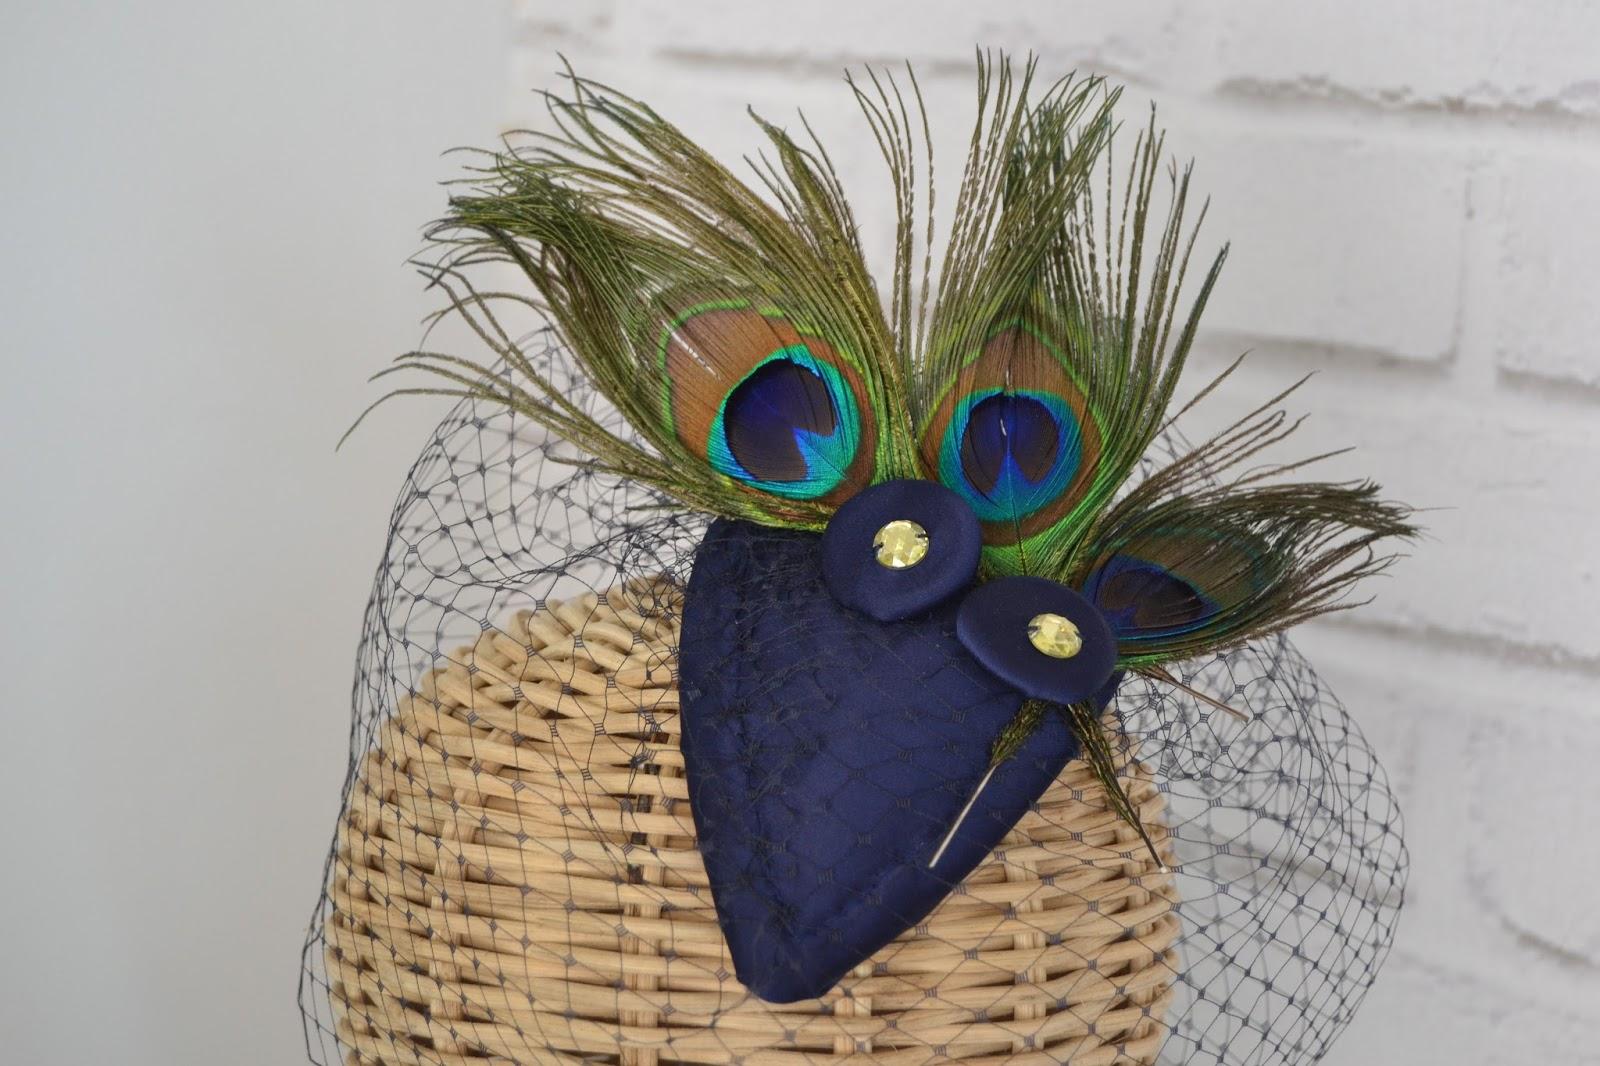 y escote barco de rita gyndawood realizado en satn elstico azul noche con fajn a juego con aplicacin de plumas de gallo en verde pavo real y botn